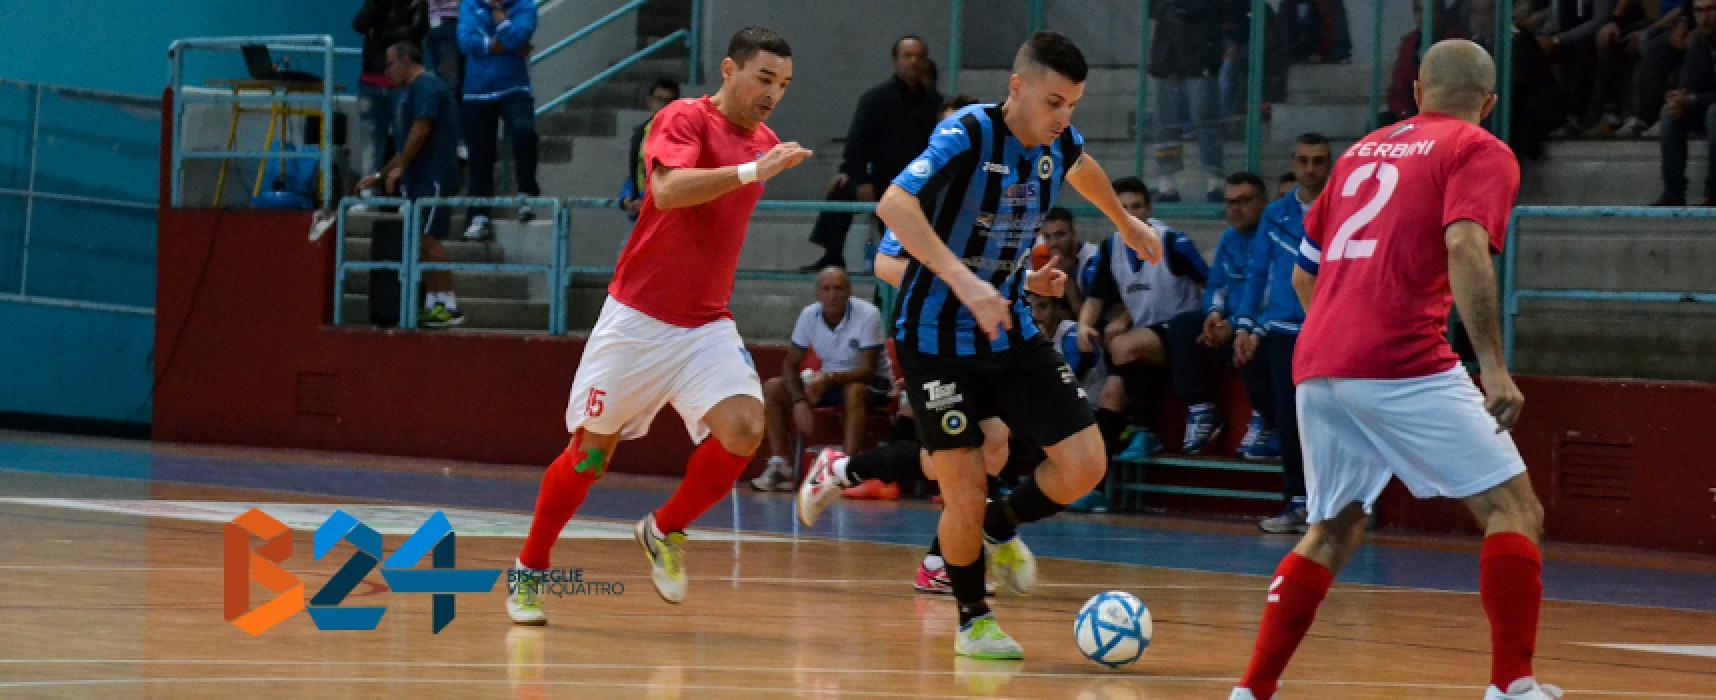 Futsal Bisceglie sette bellezze, sconfitto il Sammichele